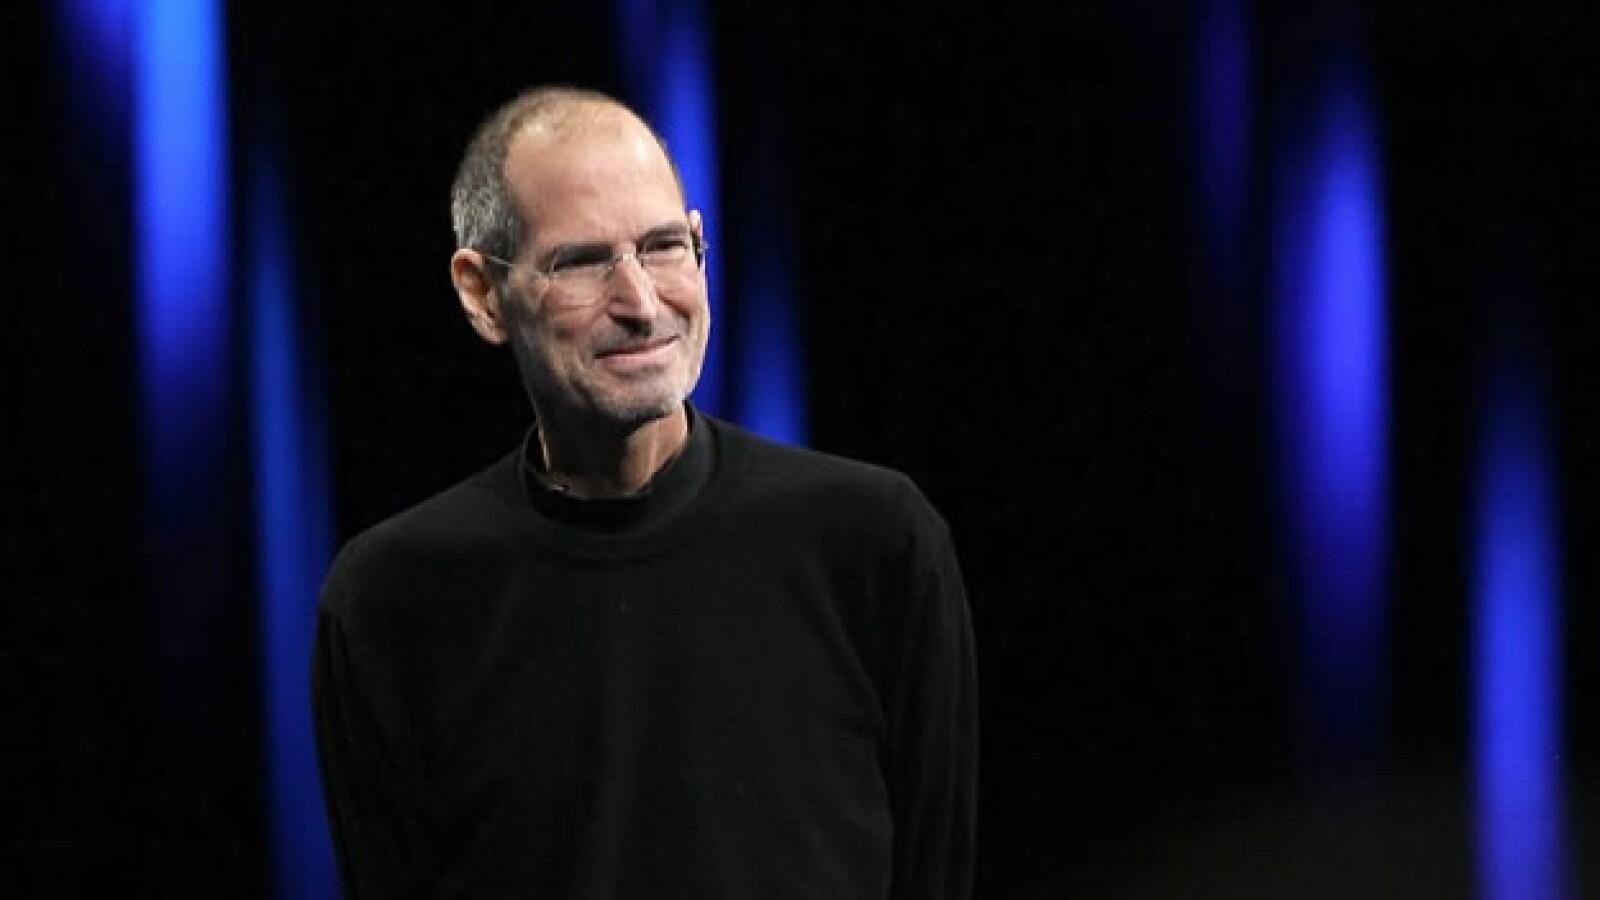 steve jobs WWWDC apple